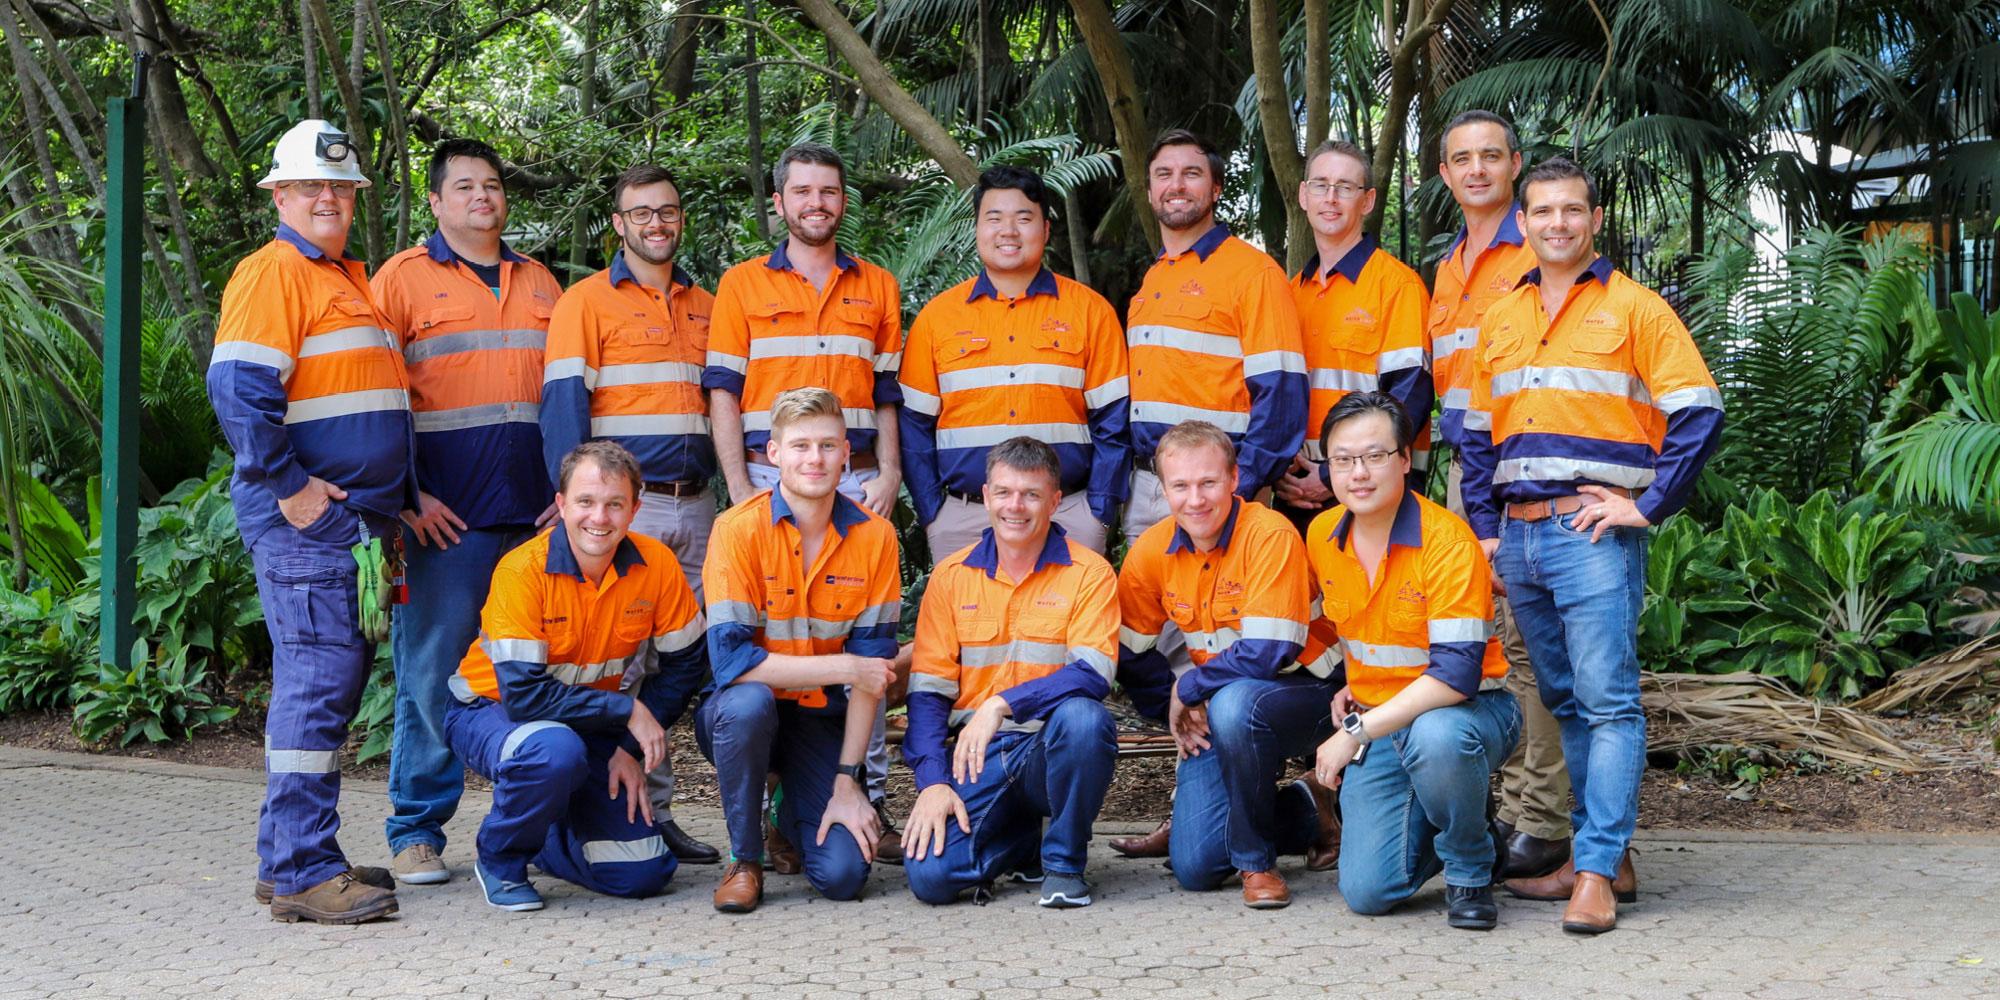 Waterline's site-experienced team